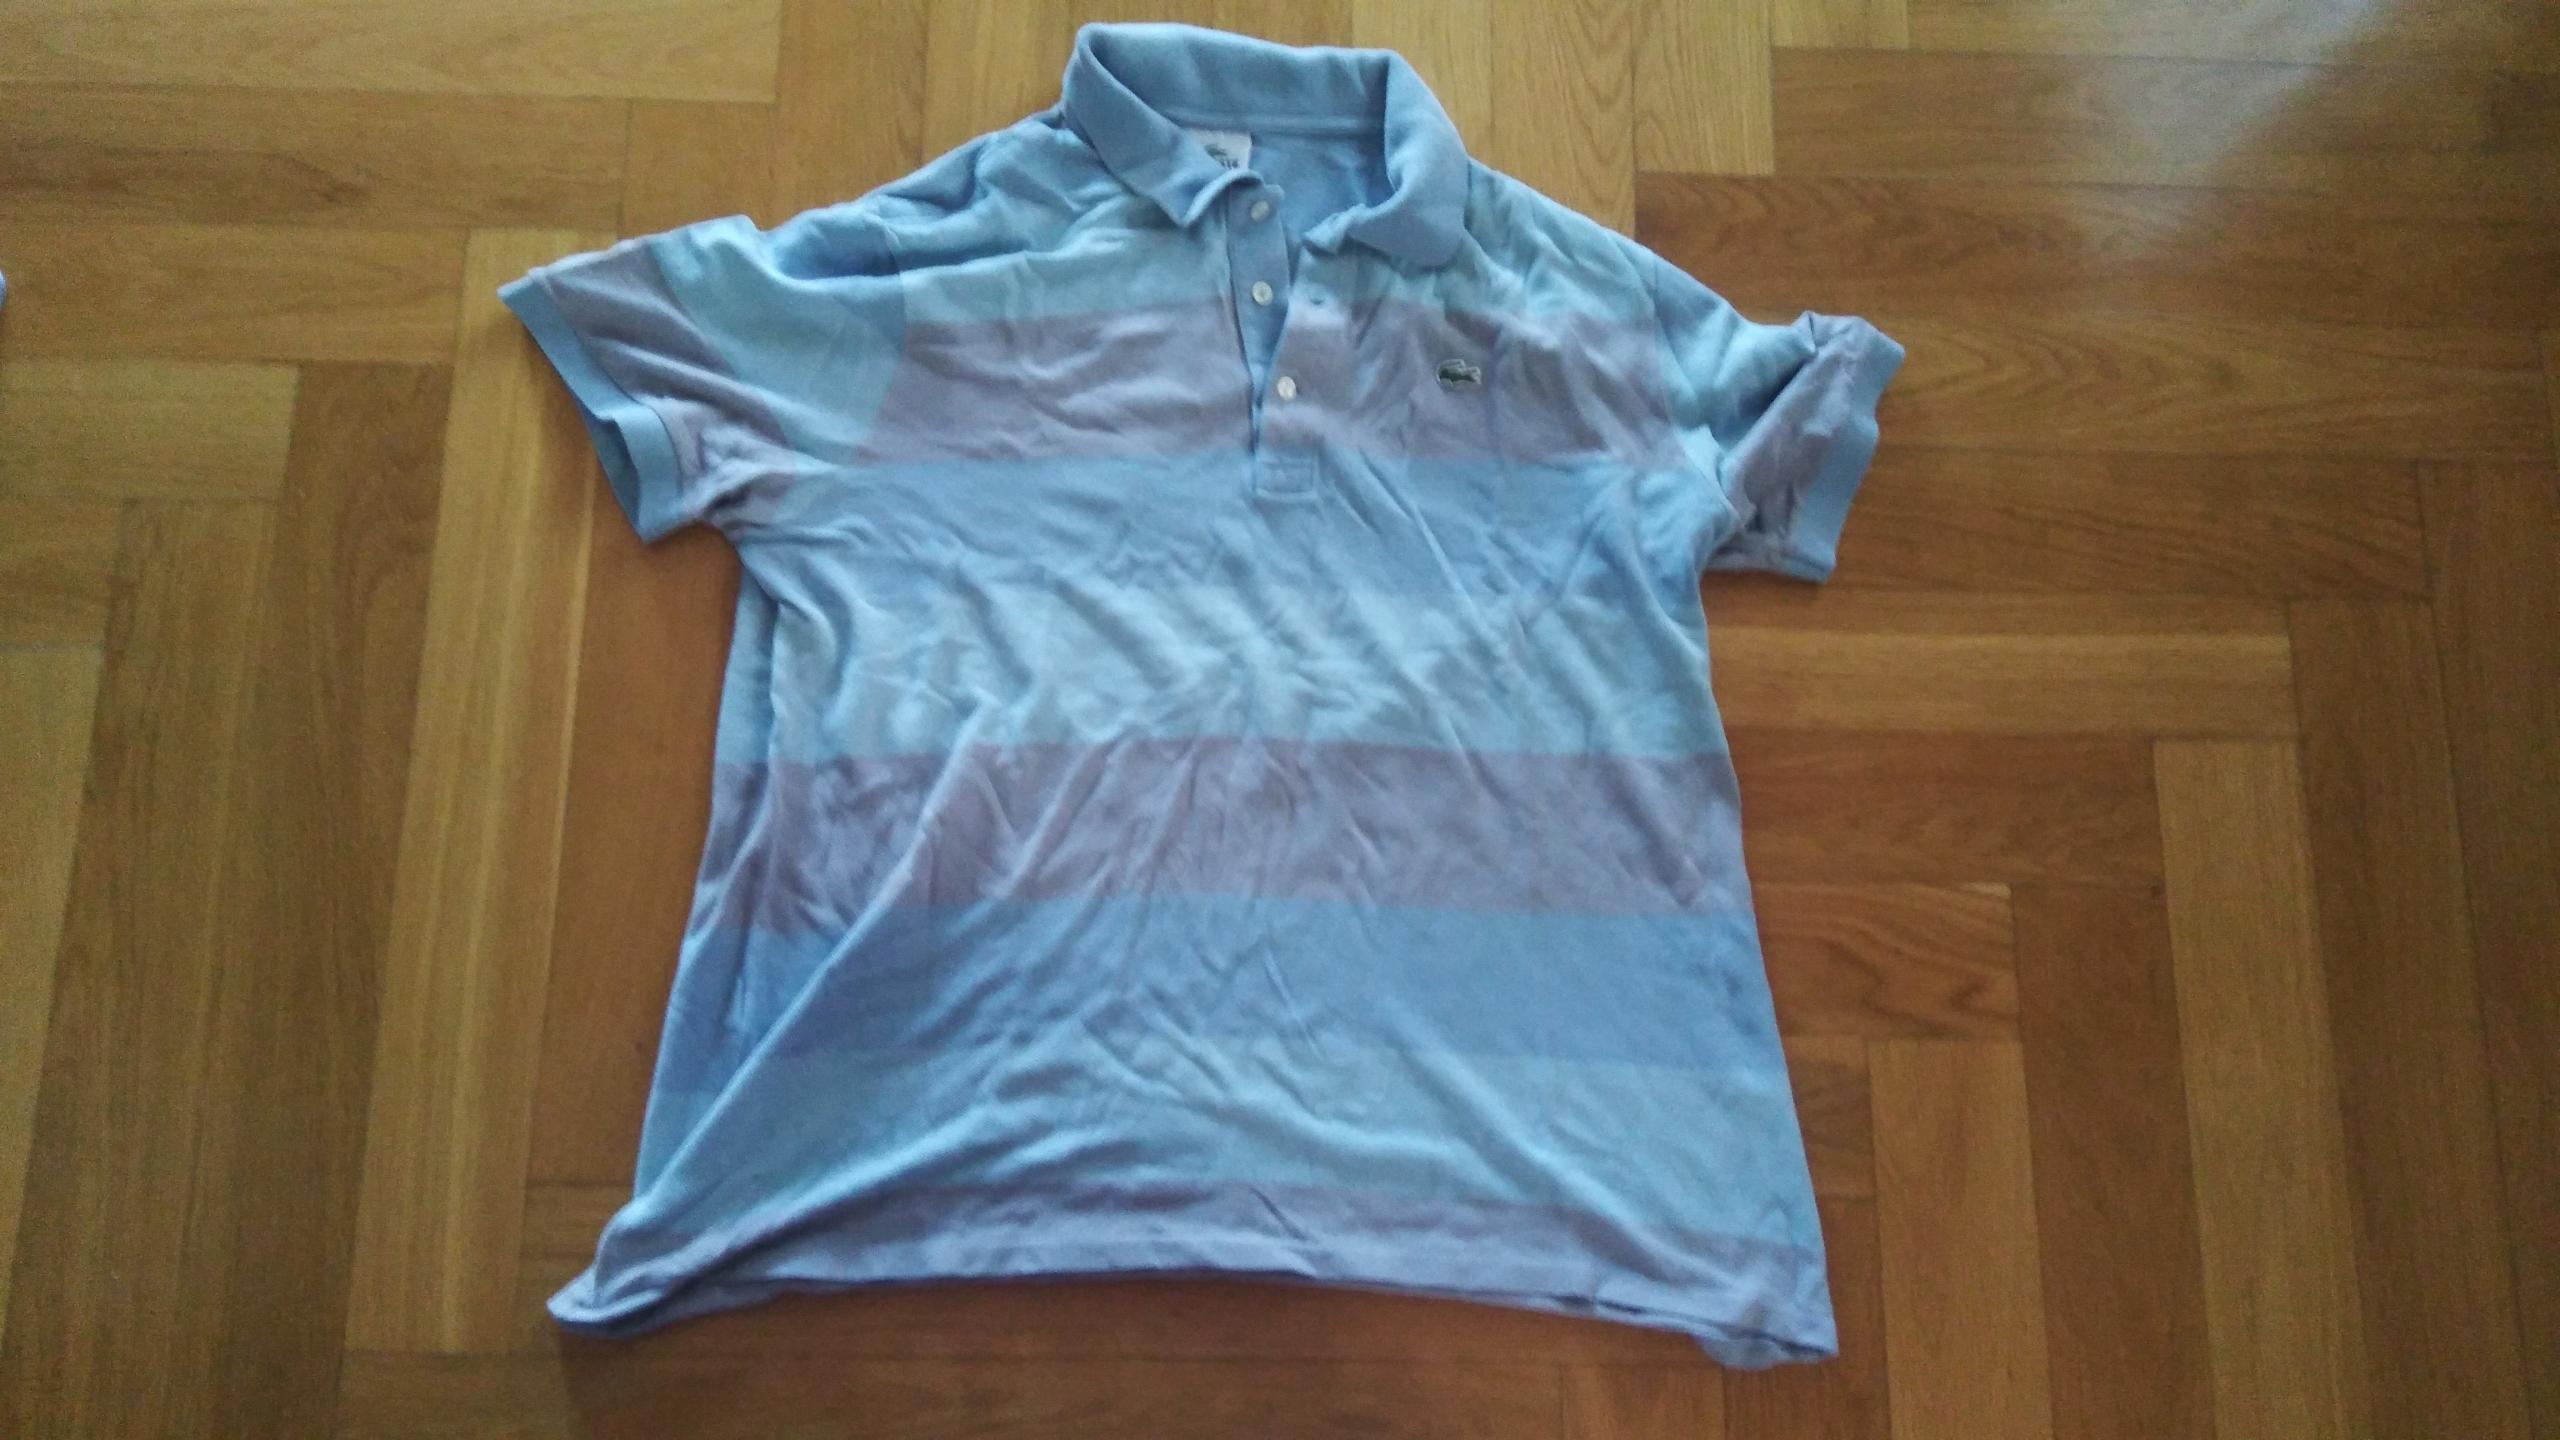 9cbe308a6 Koszulka polo Lacoste rozmiar 6 - 7484228221 - oficjalne archiwum ...